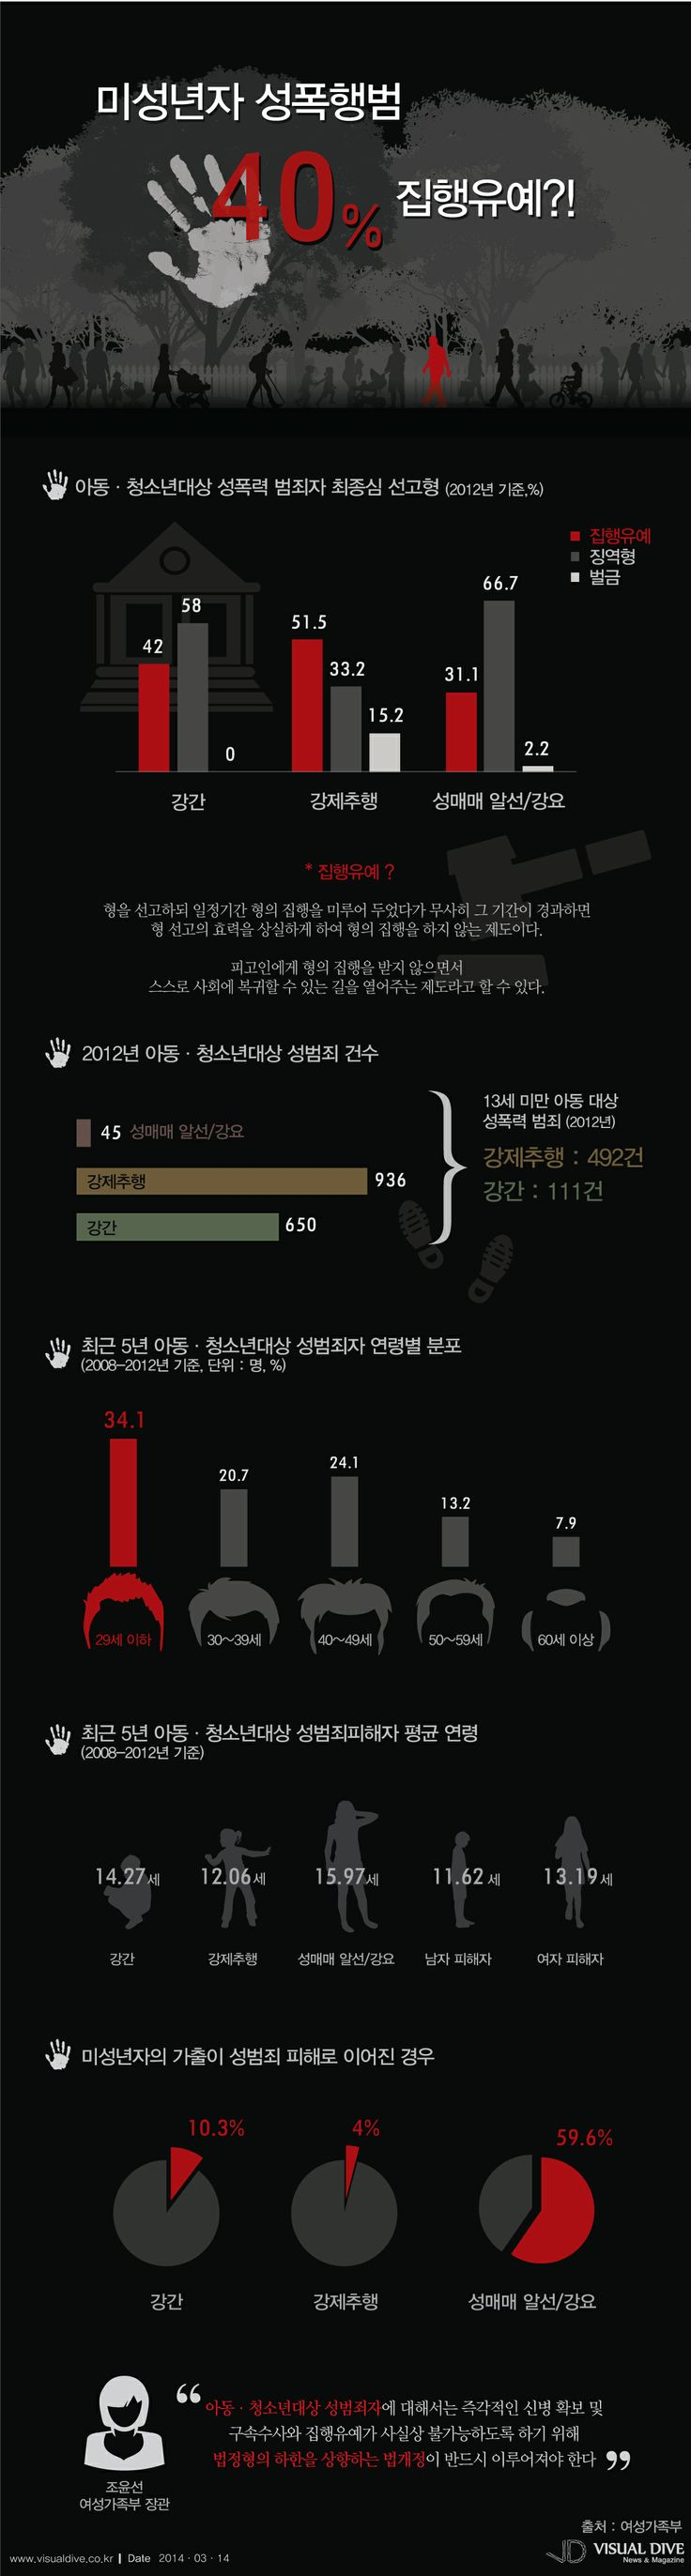 """미성년자 성폭행범 42%가 집행유예, """"버젓이 길거리에…"""" [인포그래픽] #sexual #Infographic ⓒ 비주얼다이브 무단 복사·전재·재배포 금지"""